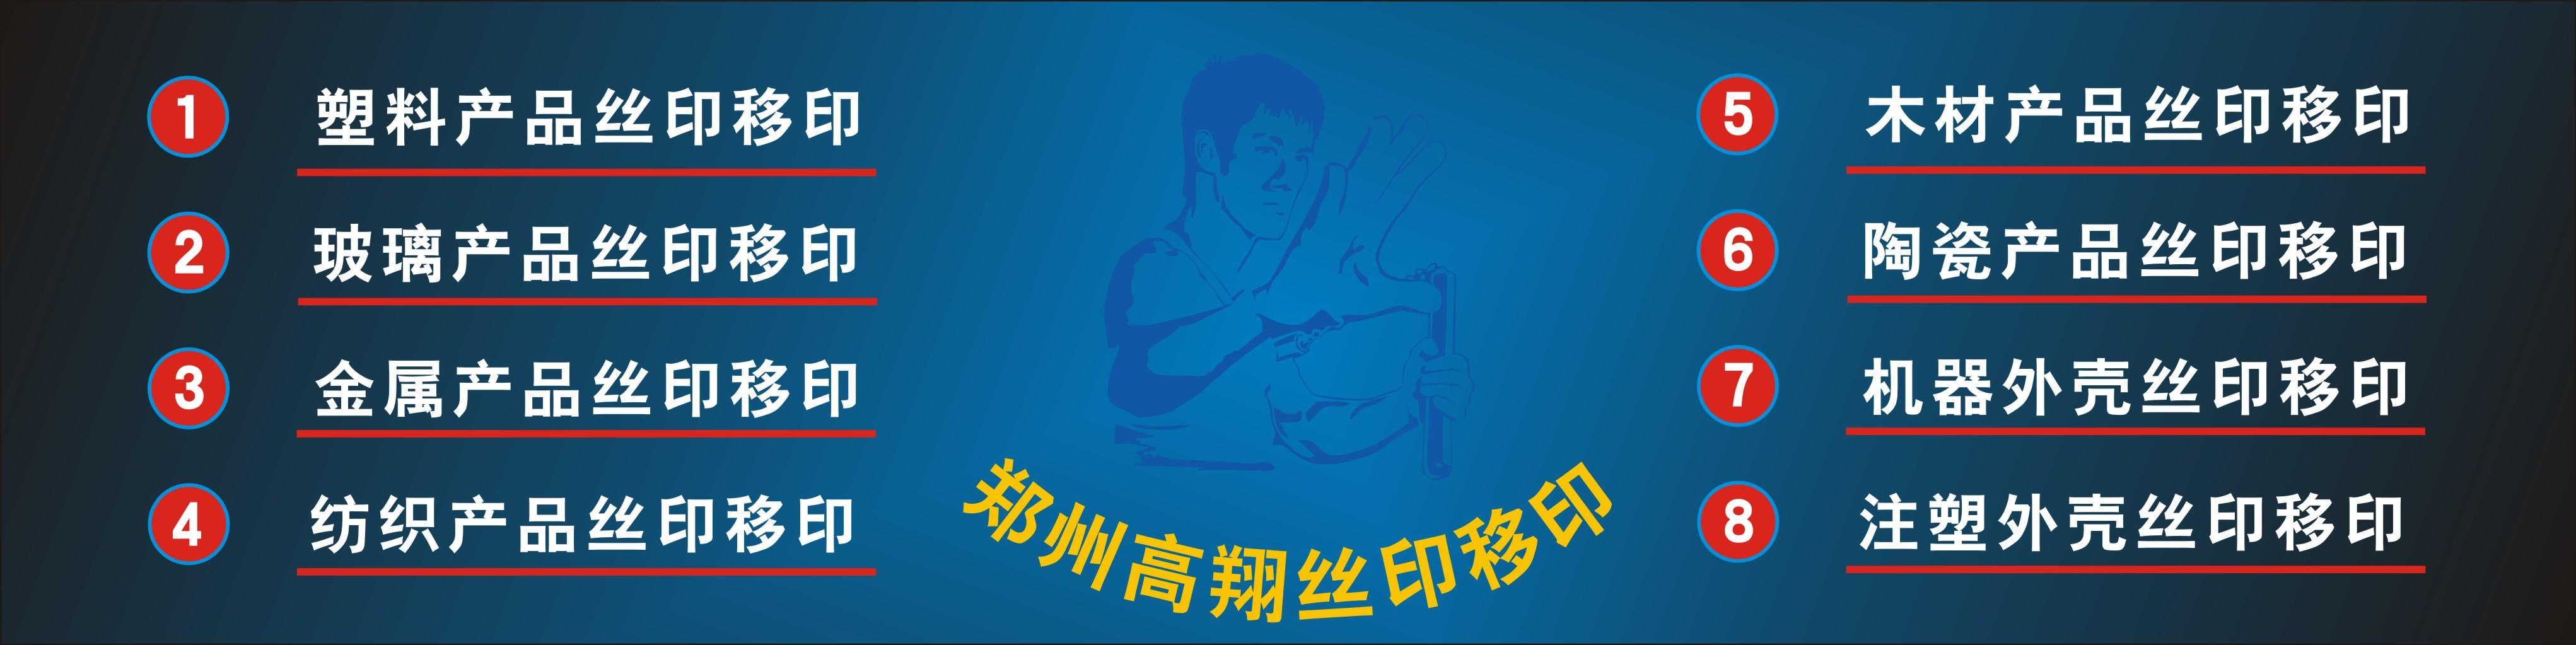 郑州丝印加工郑州丝印厂郑州移印厂郑州高翔丝印厂